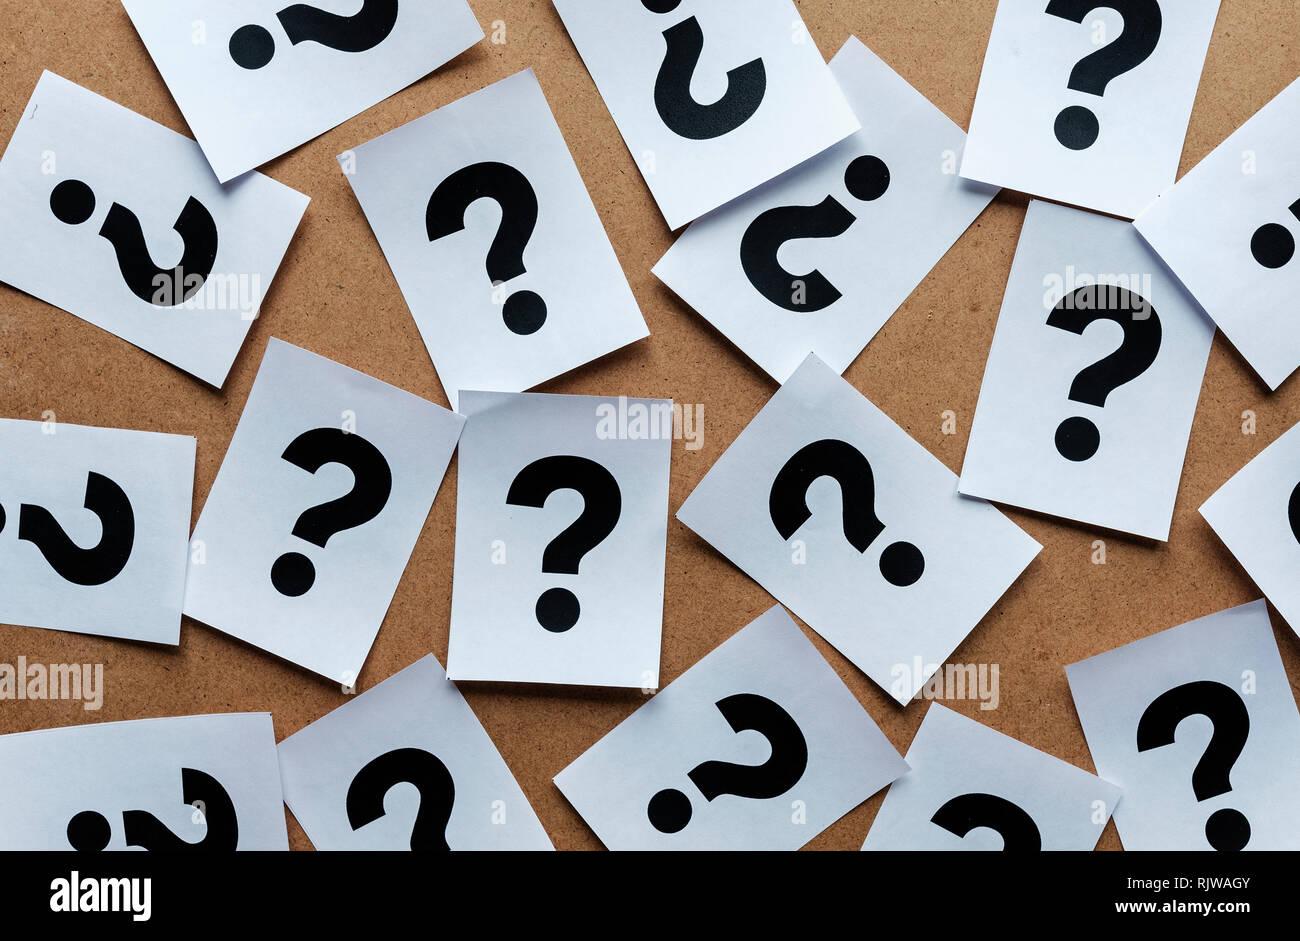 Los signos de interrogación en tarjetas de papel dispersos al azar sobre un fondo de madera en una imagen conceptual Foto de stock